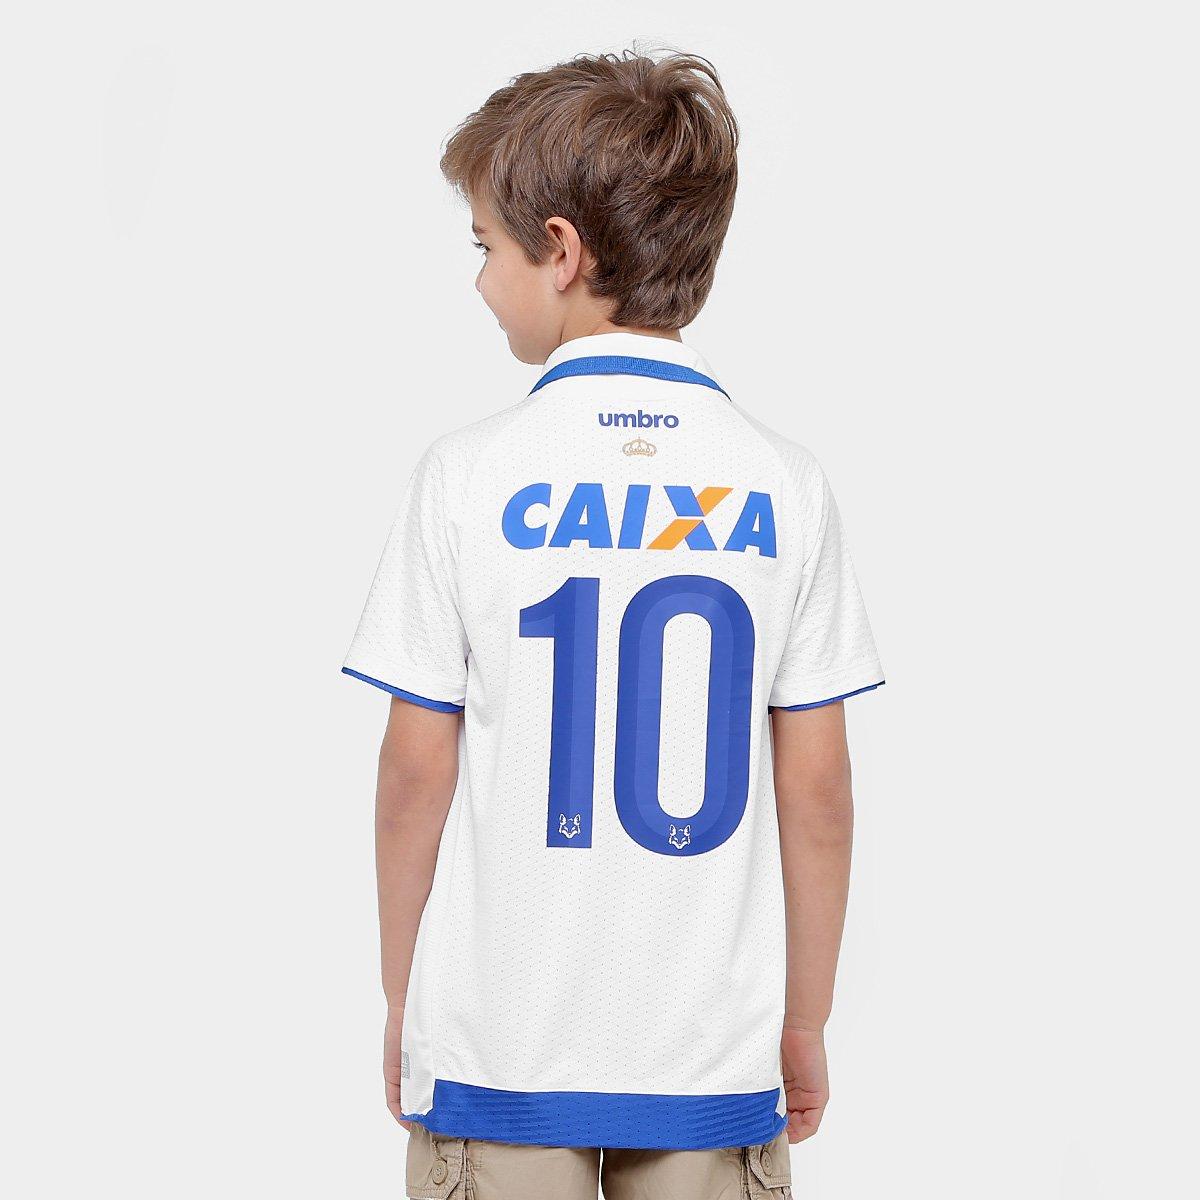 18 e 17 nº Umbro Torcedor s Infantil II Azul Cruzeiro Branco Camisa 7CwqZfZ